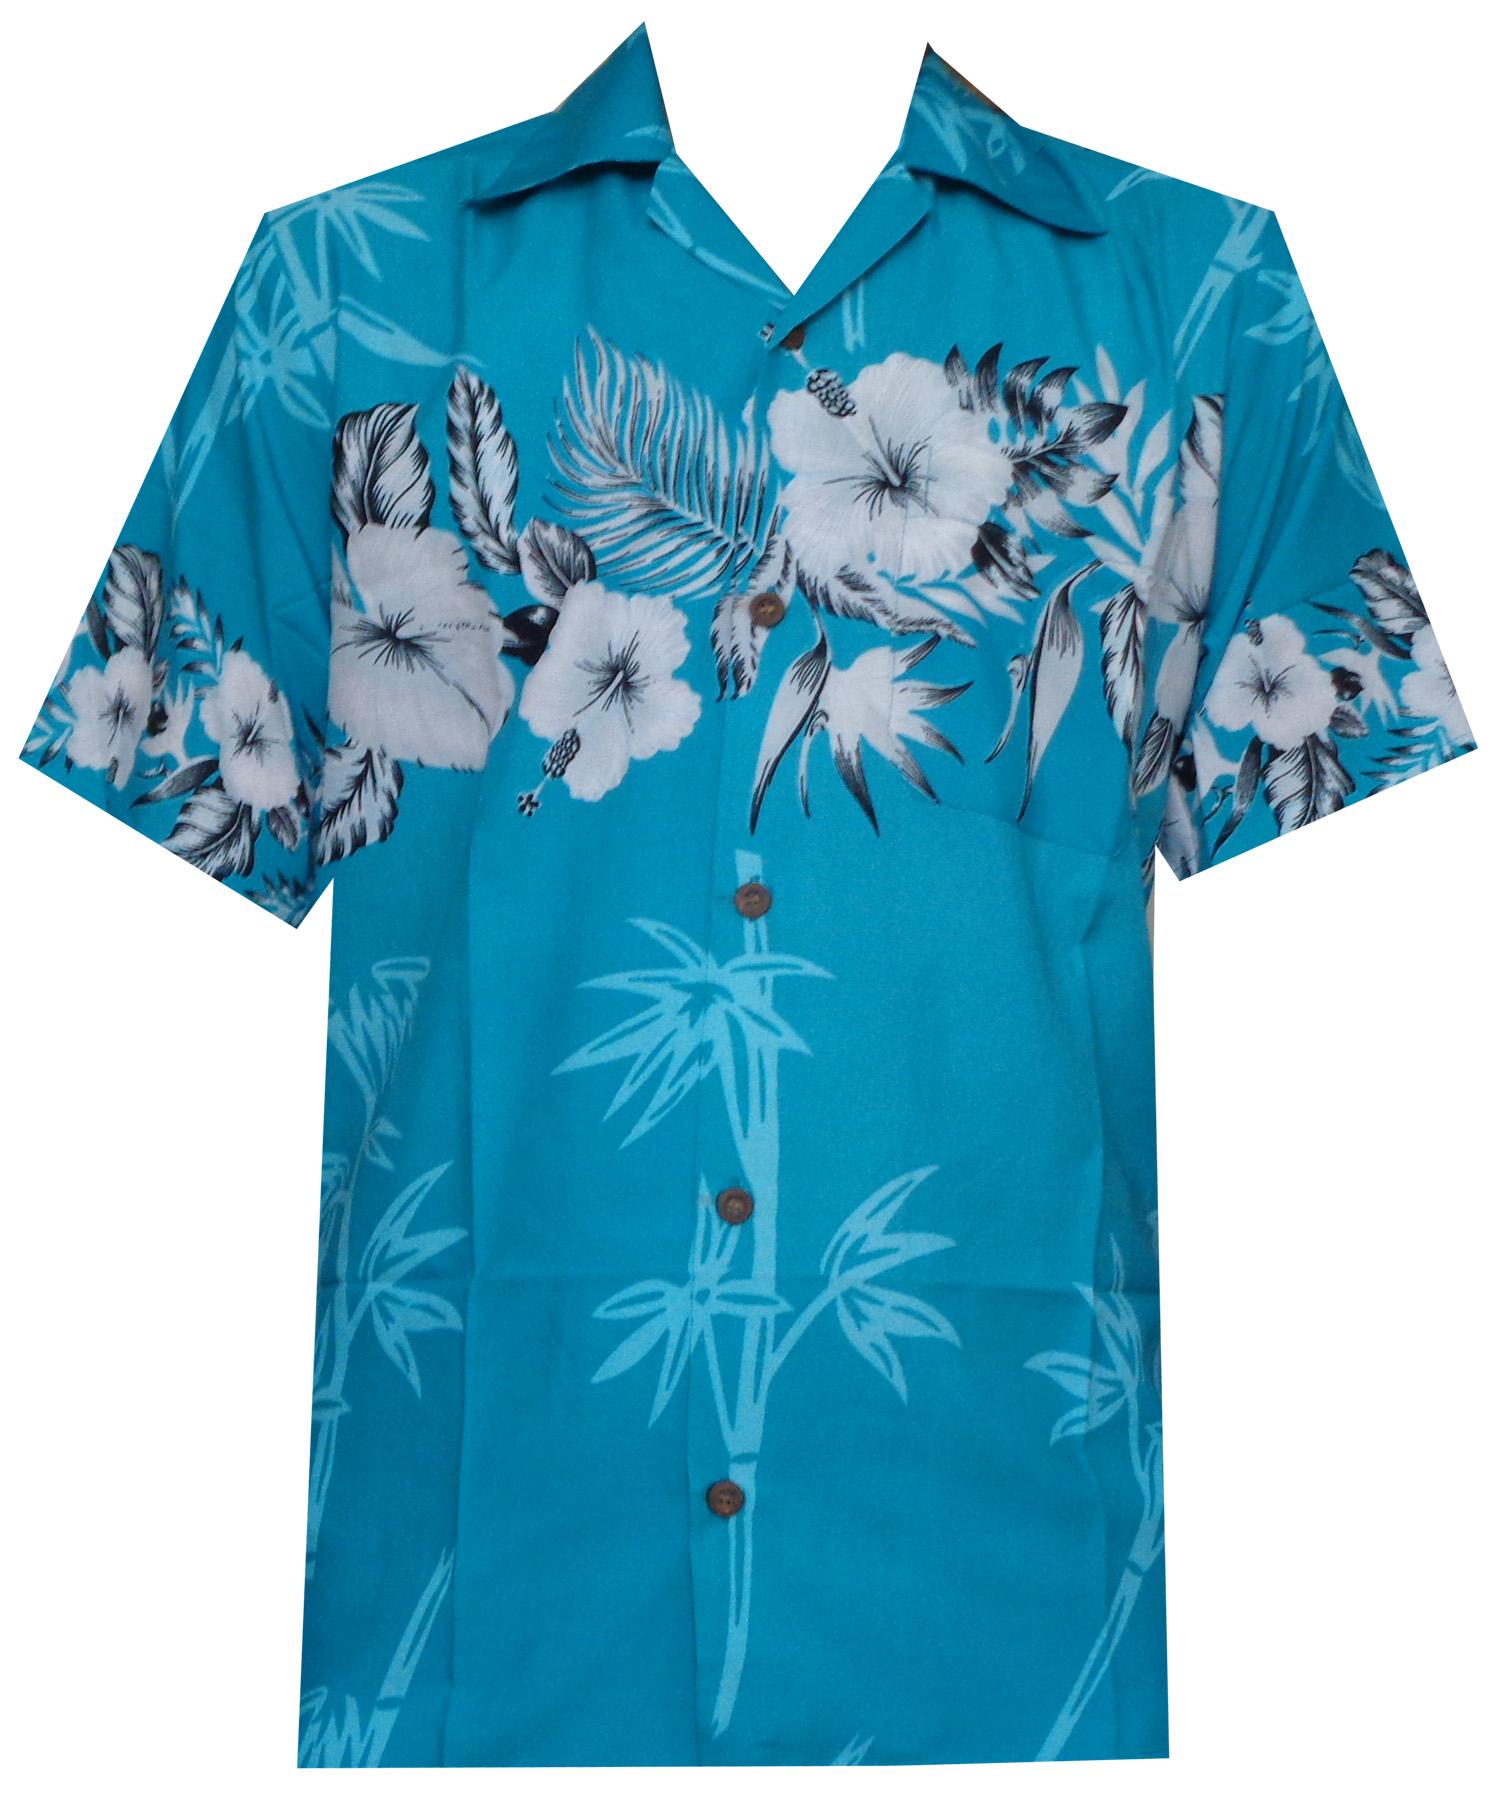 Hawaiian-Shirts-Mens-Bamboo-Tree-Print-Beach-Aloha-Party-Holiday thumbnail 17